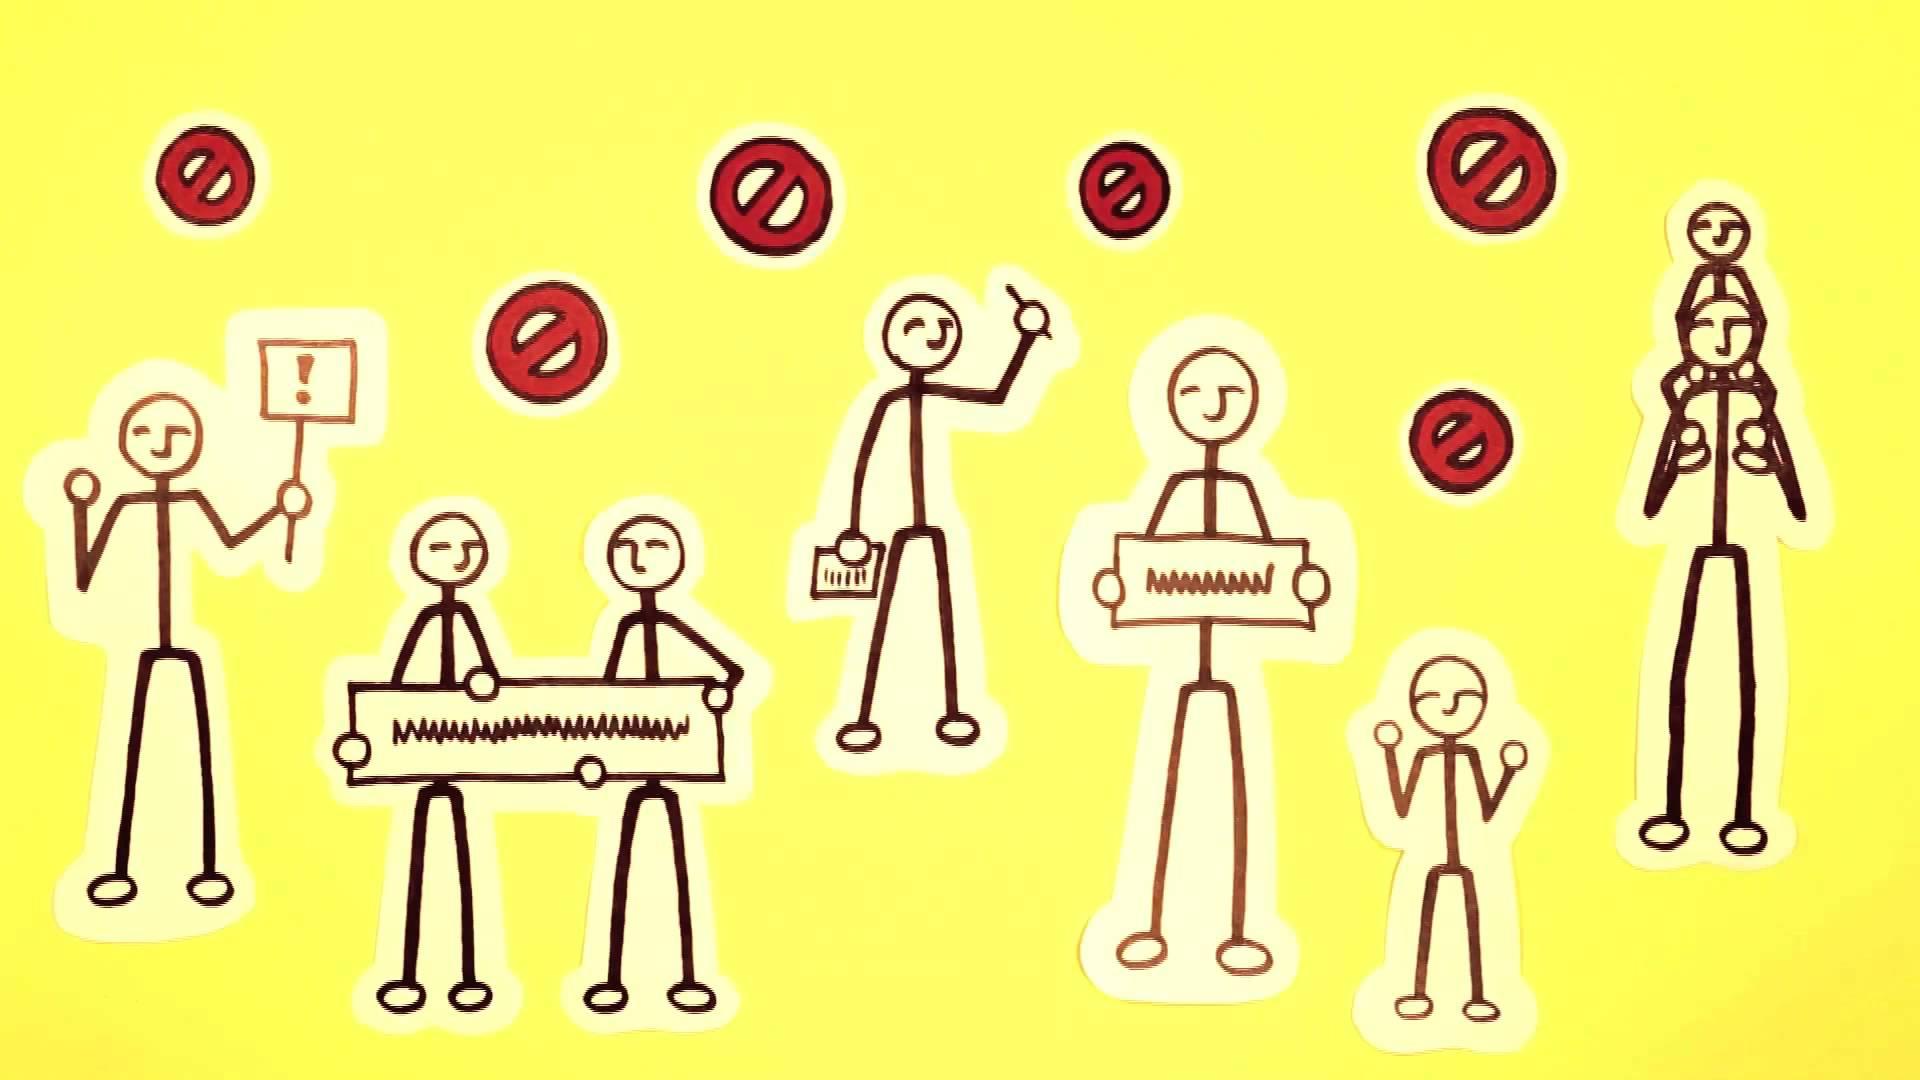 آزادی تجمعات از شاخصه های دموکراسی؛ با نگاهی به حقوق ایران و اسناد بین المللی/ محمد محبی